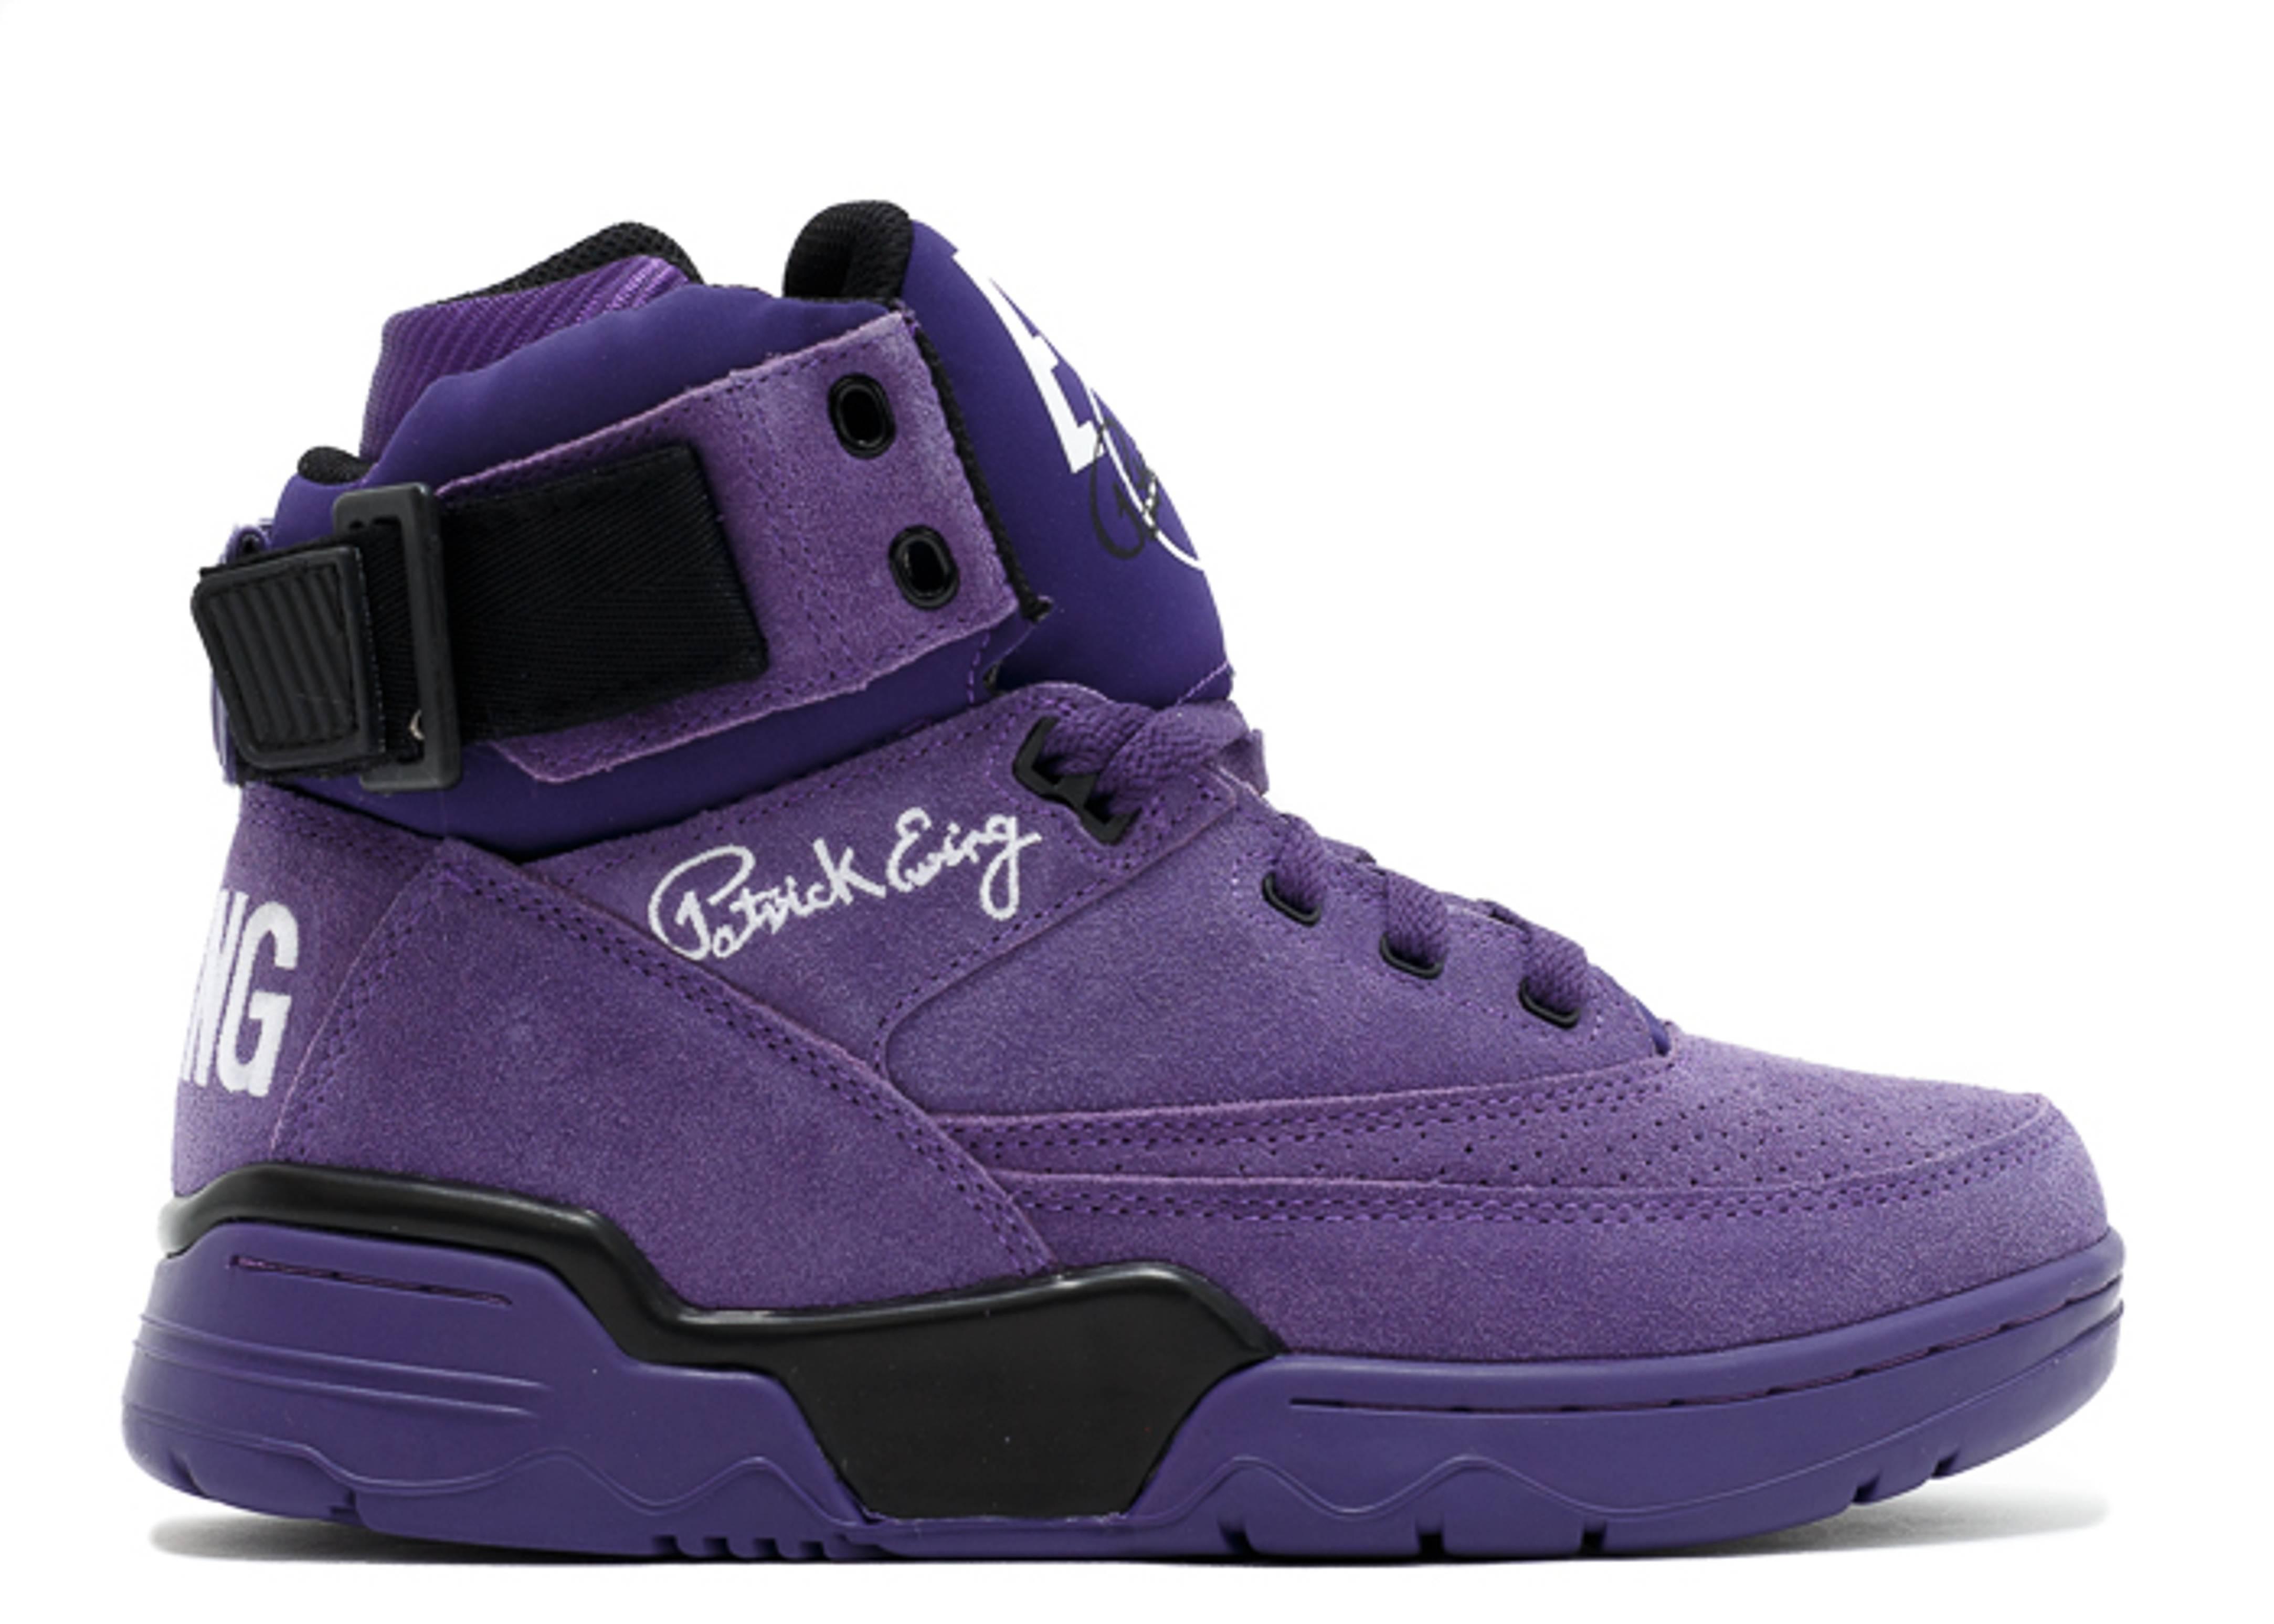 separation shoes 7d28d 41159 Patrick Ewing Shoes - Men s 33 Hi   More High Tops   Flight Club